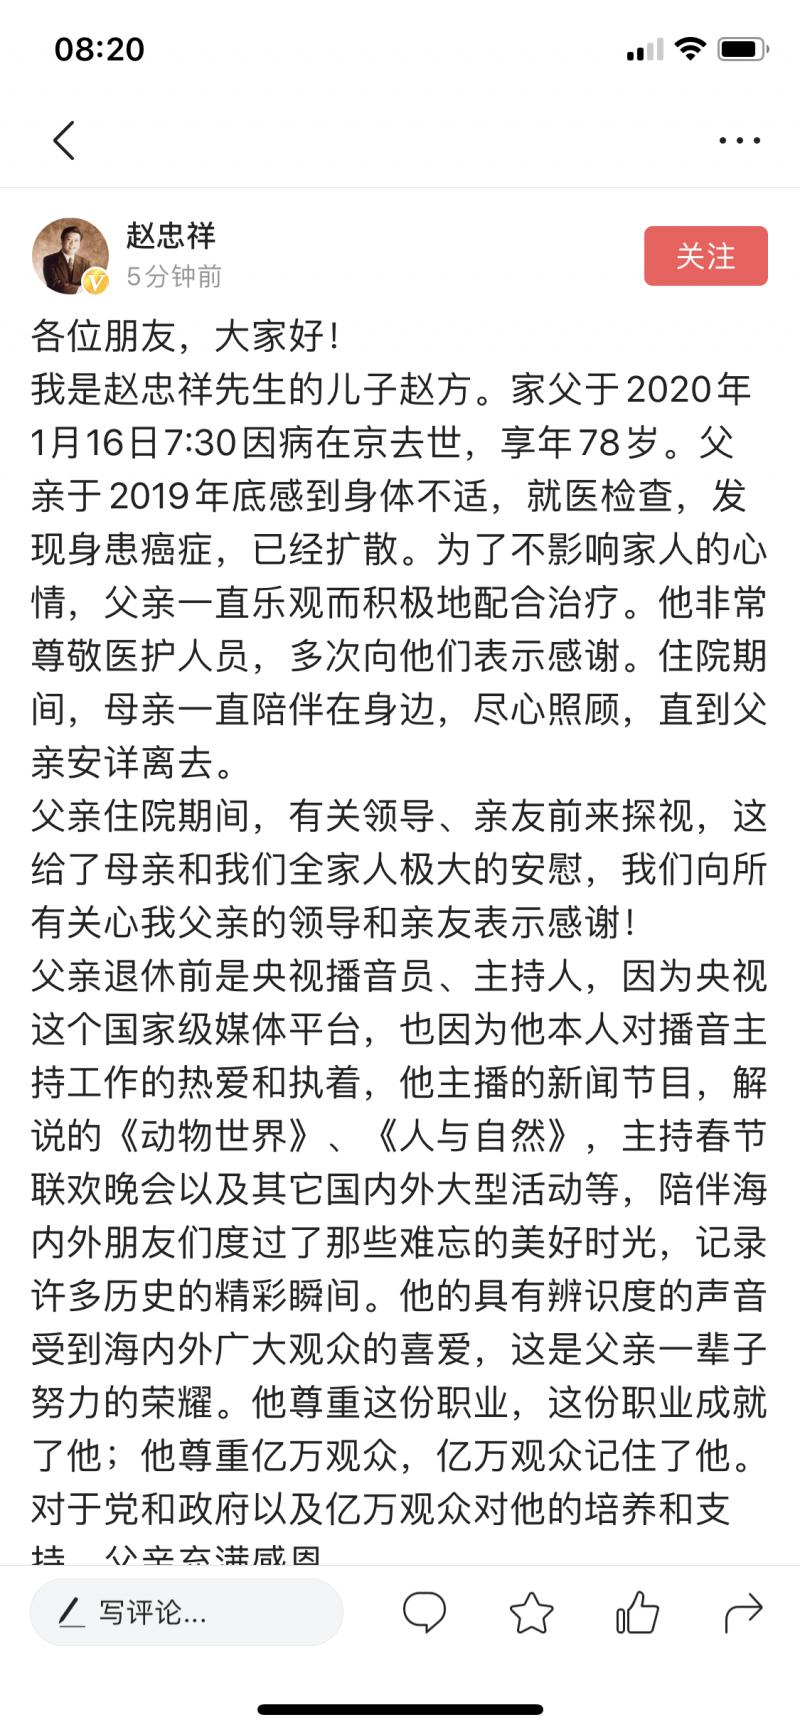 赵忠祥去世 著名主持人赵忠祥因癌症去世享年78岁